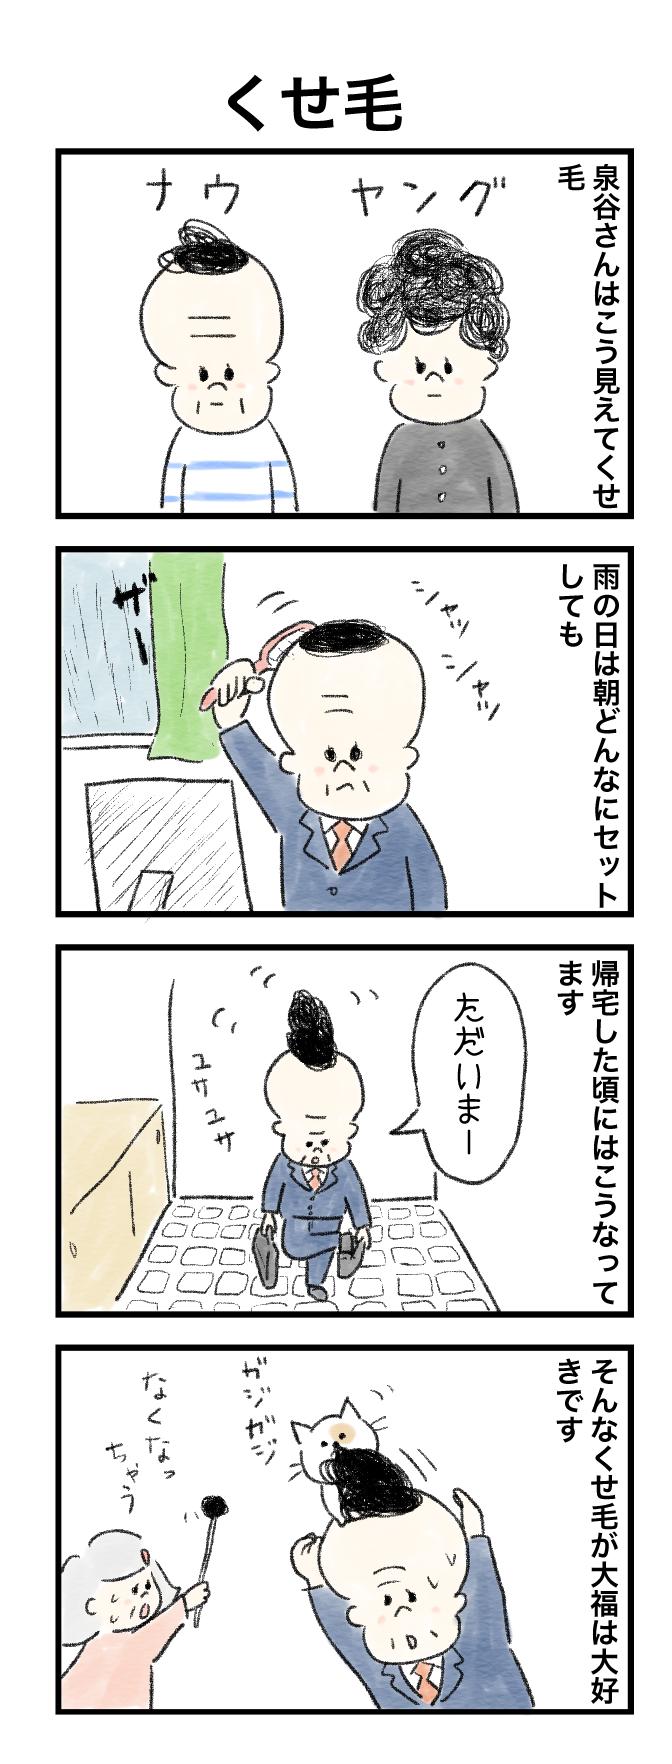 今日の泉谷さん【27】 作:カワサキヒロシ(ごとお日漫画)